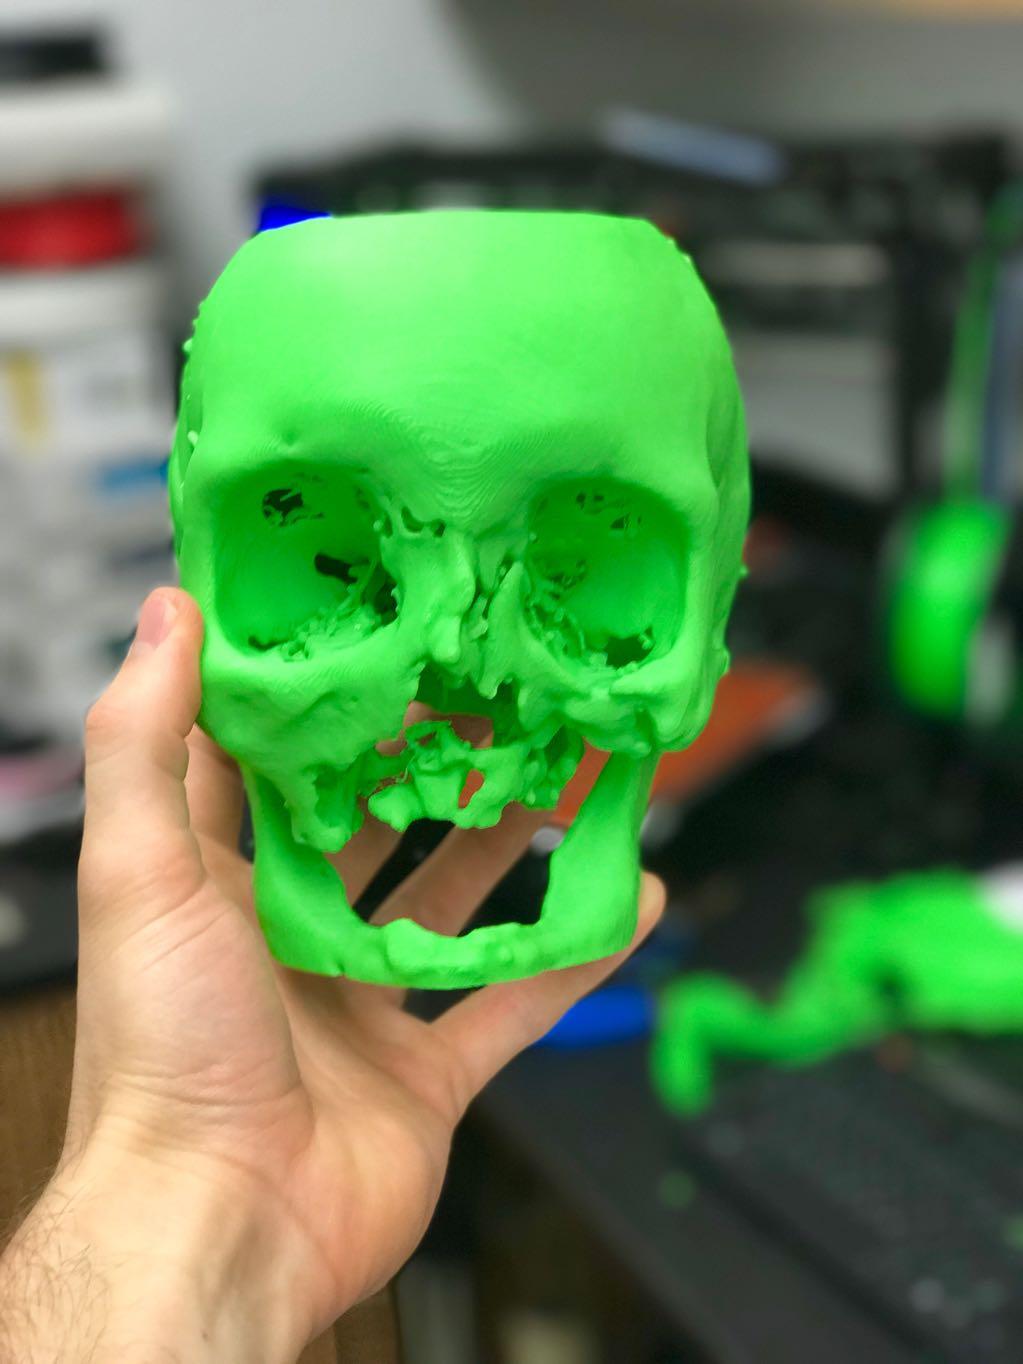 3D print of severe facial trauma